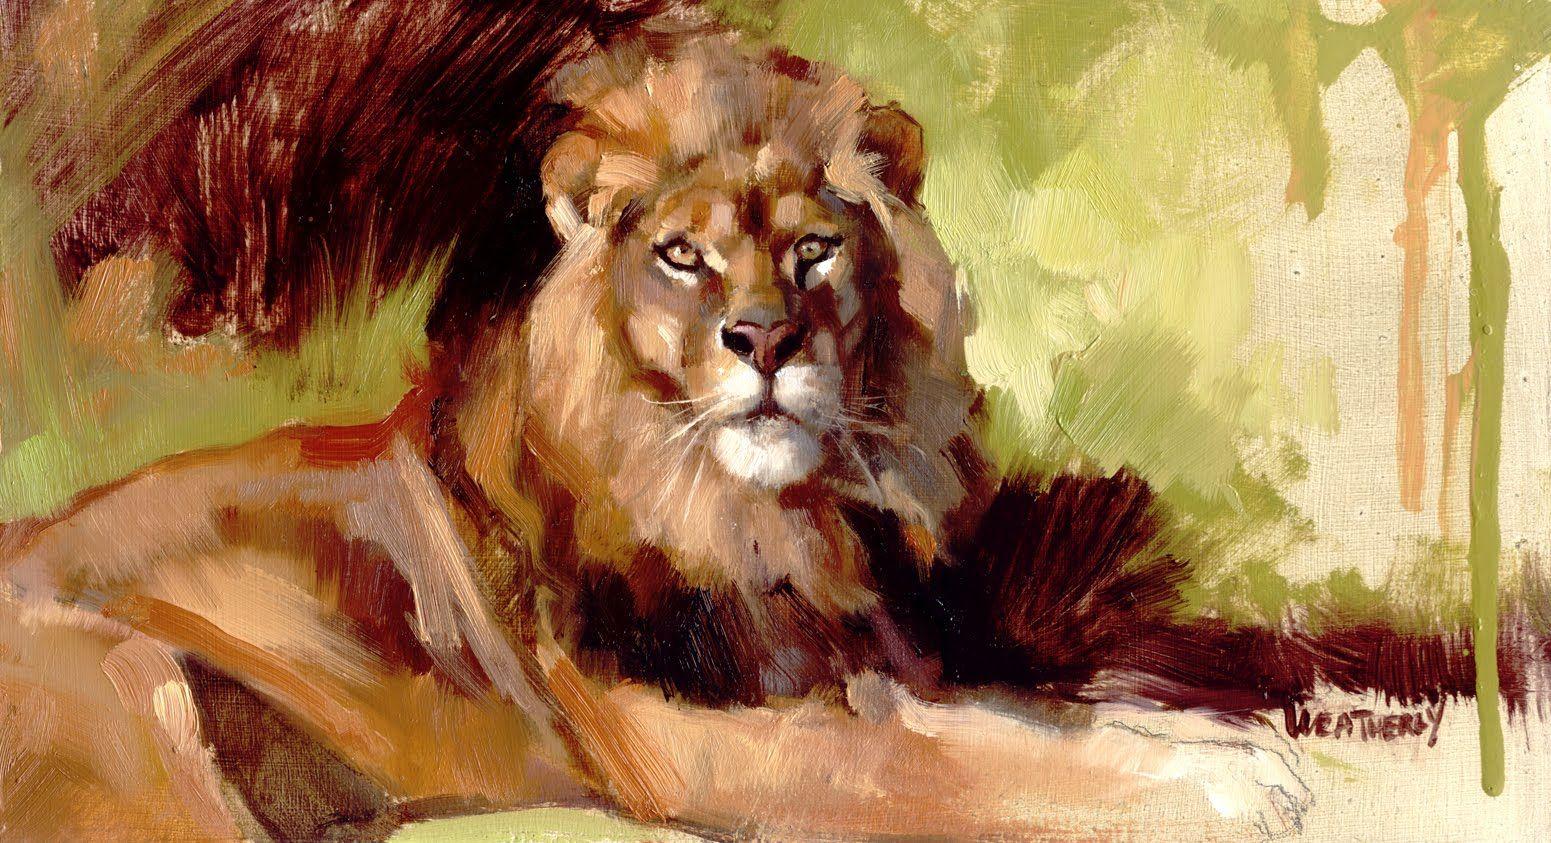 последние полгода рисунок львов гуашью случай стал